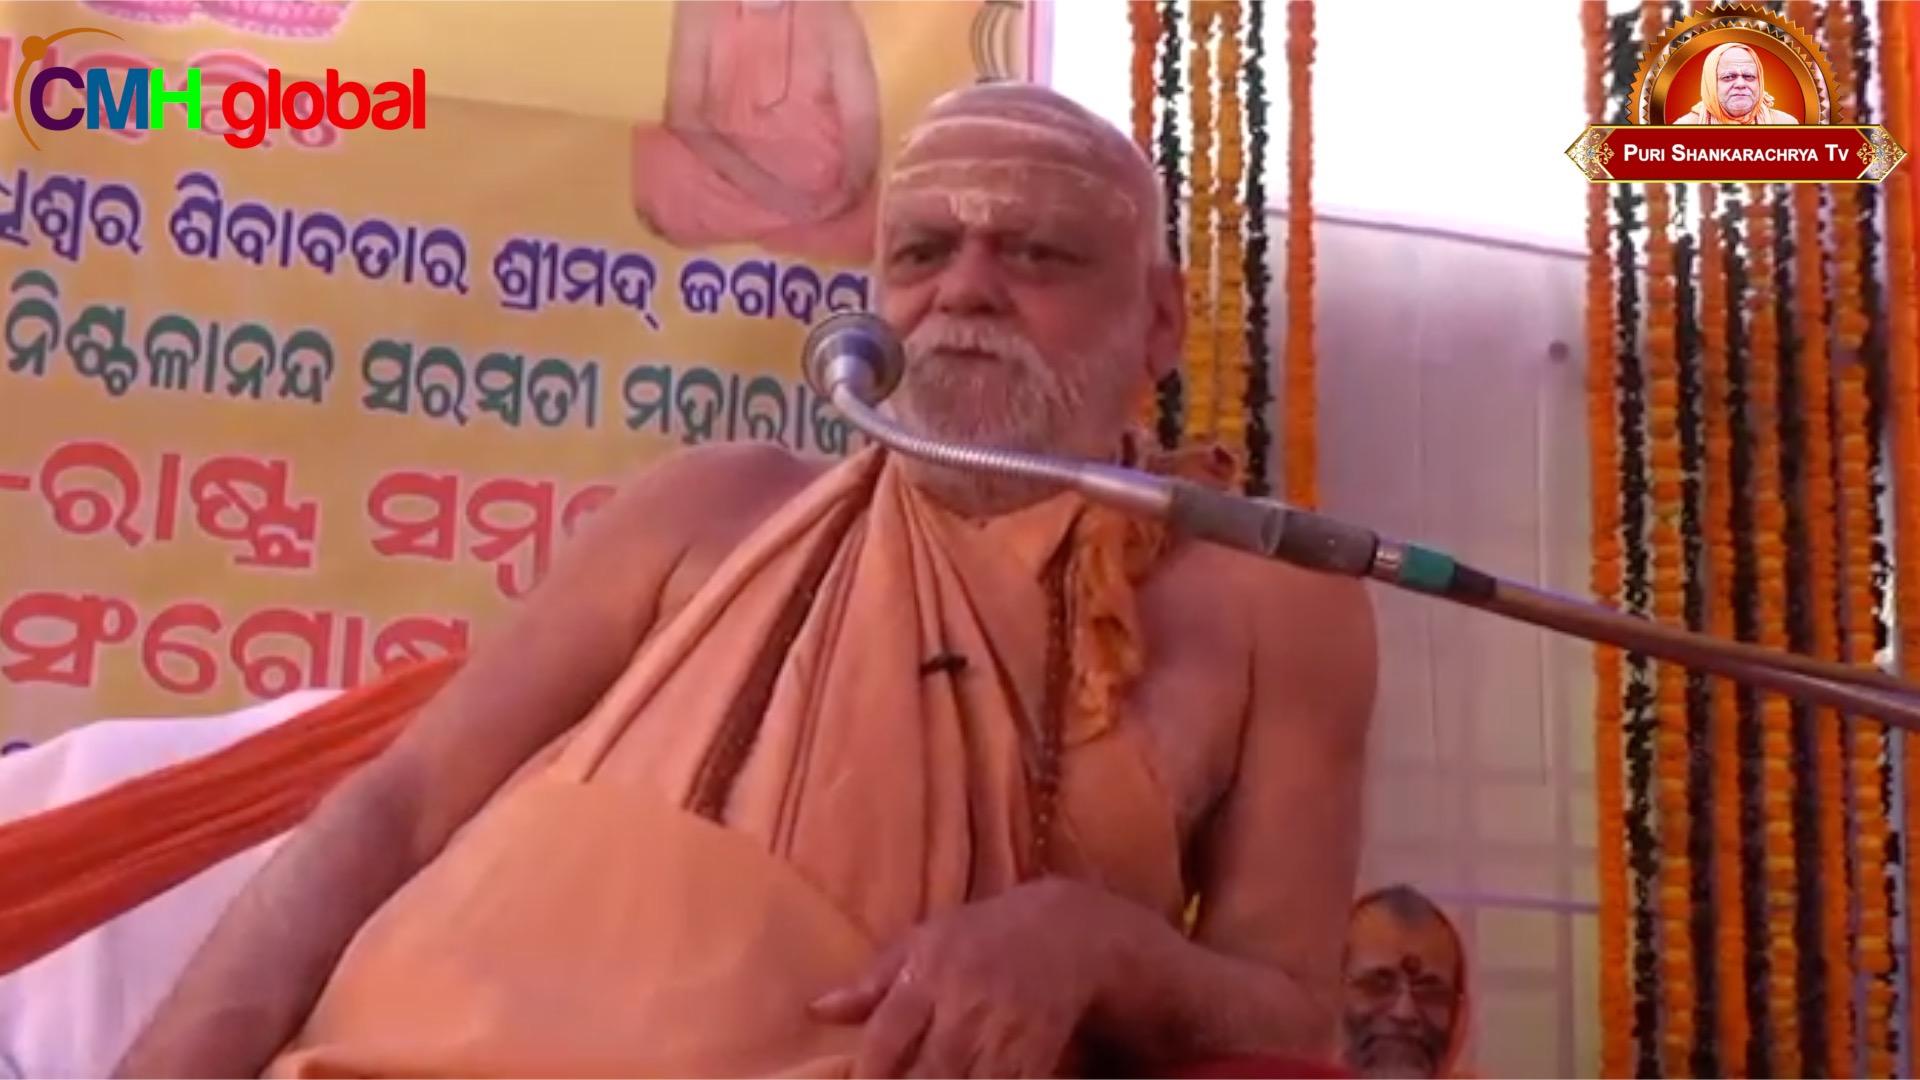 Gyan Dhara Ep -17 by Puri Shankaracharya Swami Nishchalananda Saraswati Ji